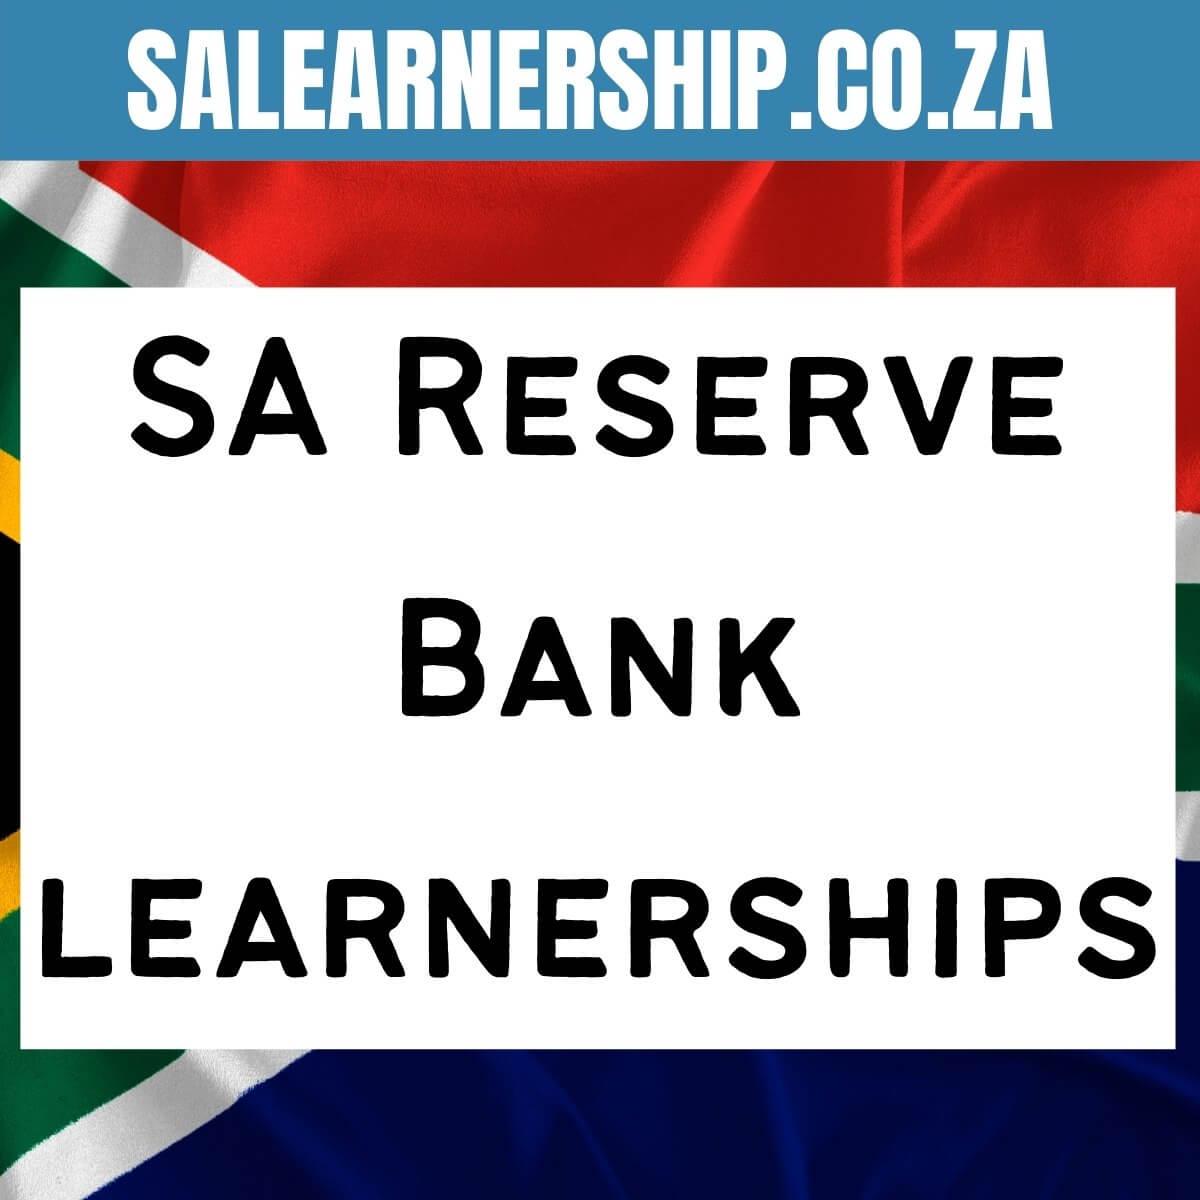 SA Reserve Bank learnerships